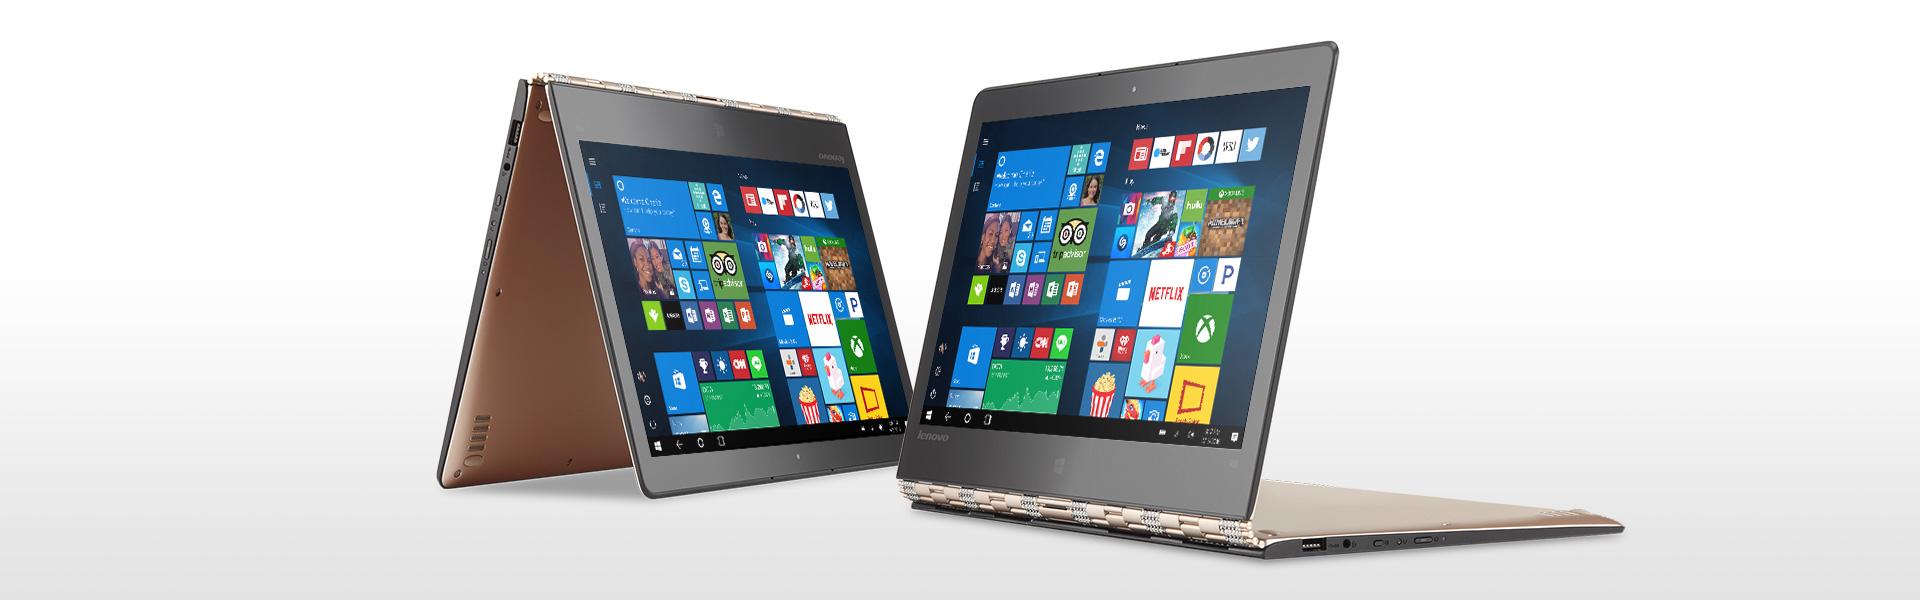 Lenovo Yoga 900 σε λειτουργία ανάποδης δίπλωσης και βάσης